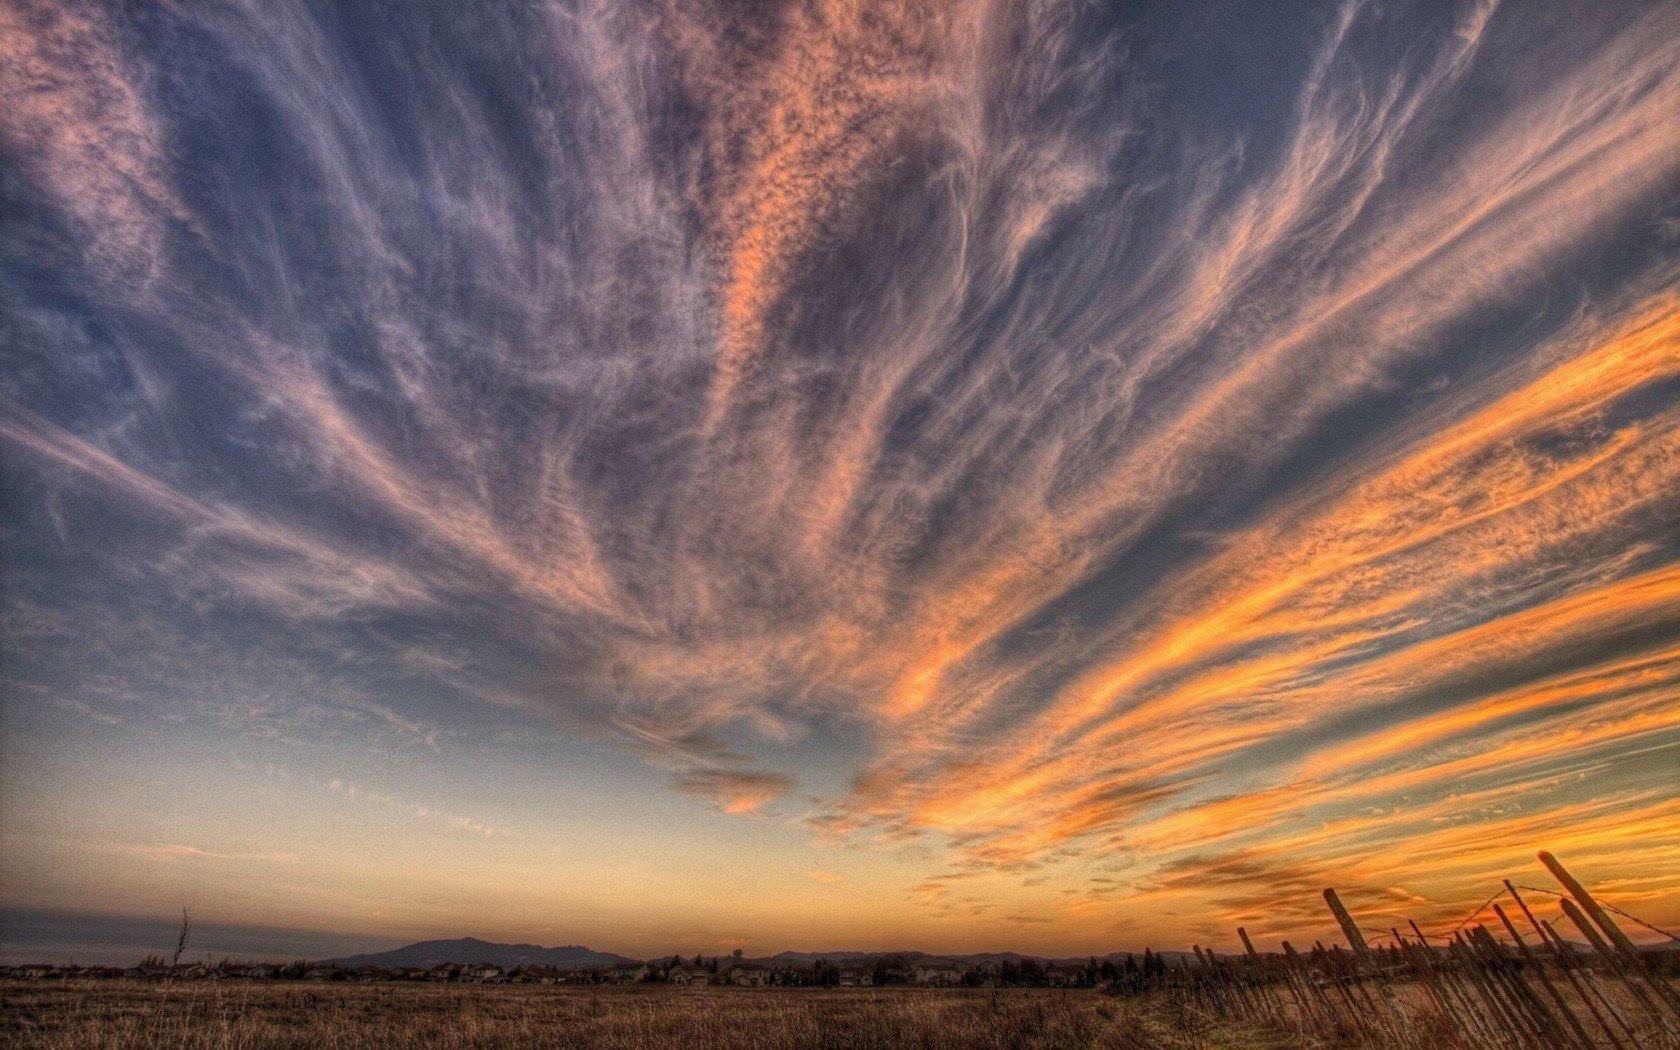 природа страны архитектура закат небо облака загрузить